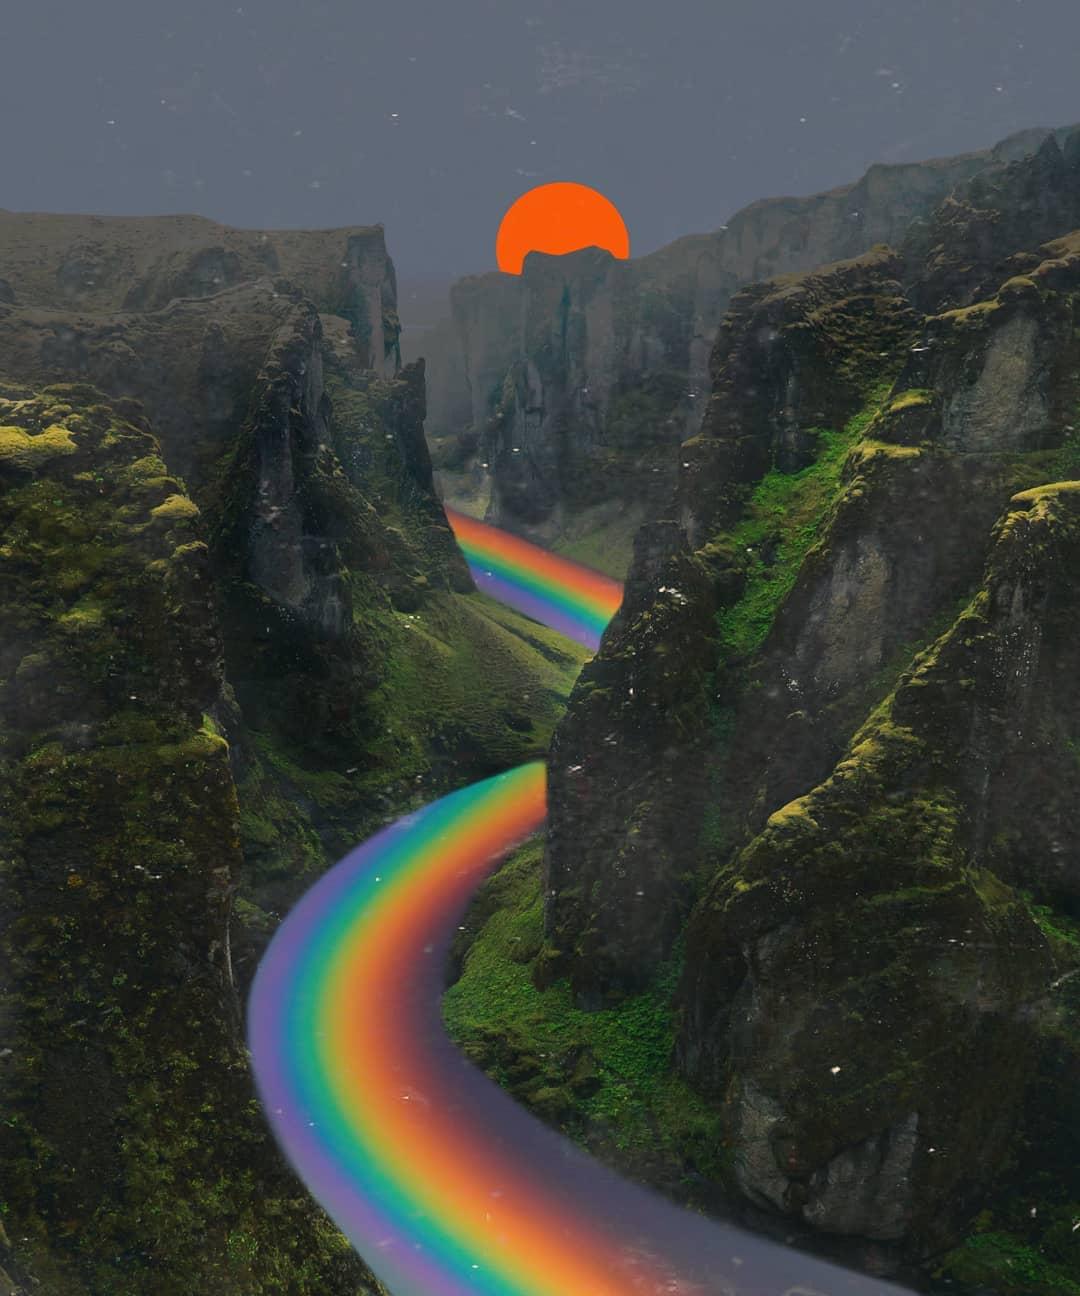 Le grafiche di Indig0 sono un viaggio tra mondi paralleli | Collater.al